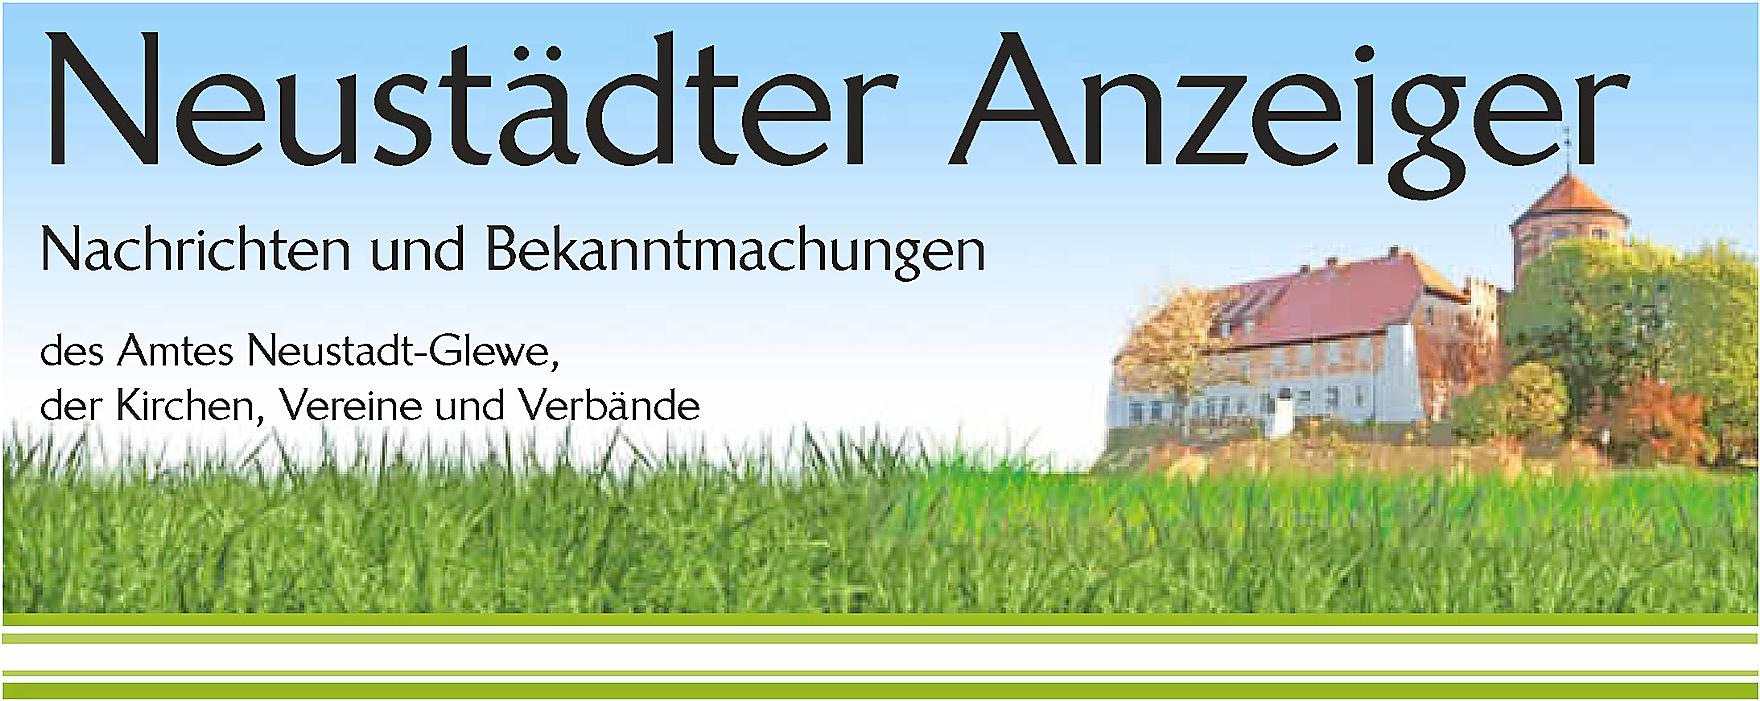 Neustädter Anzeiger - Logo